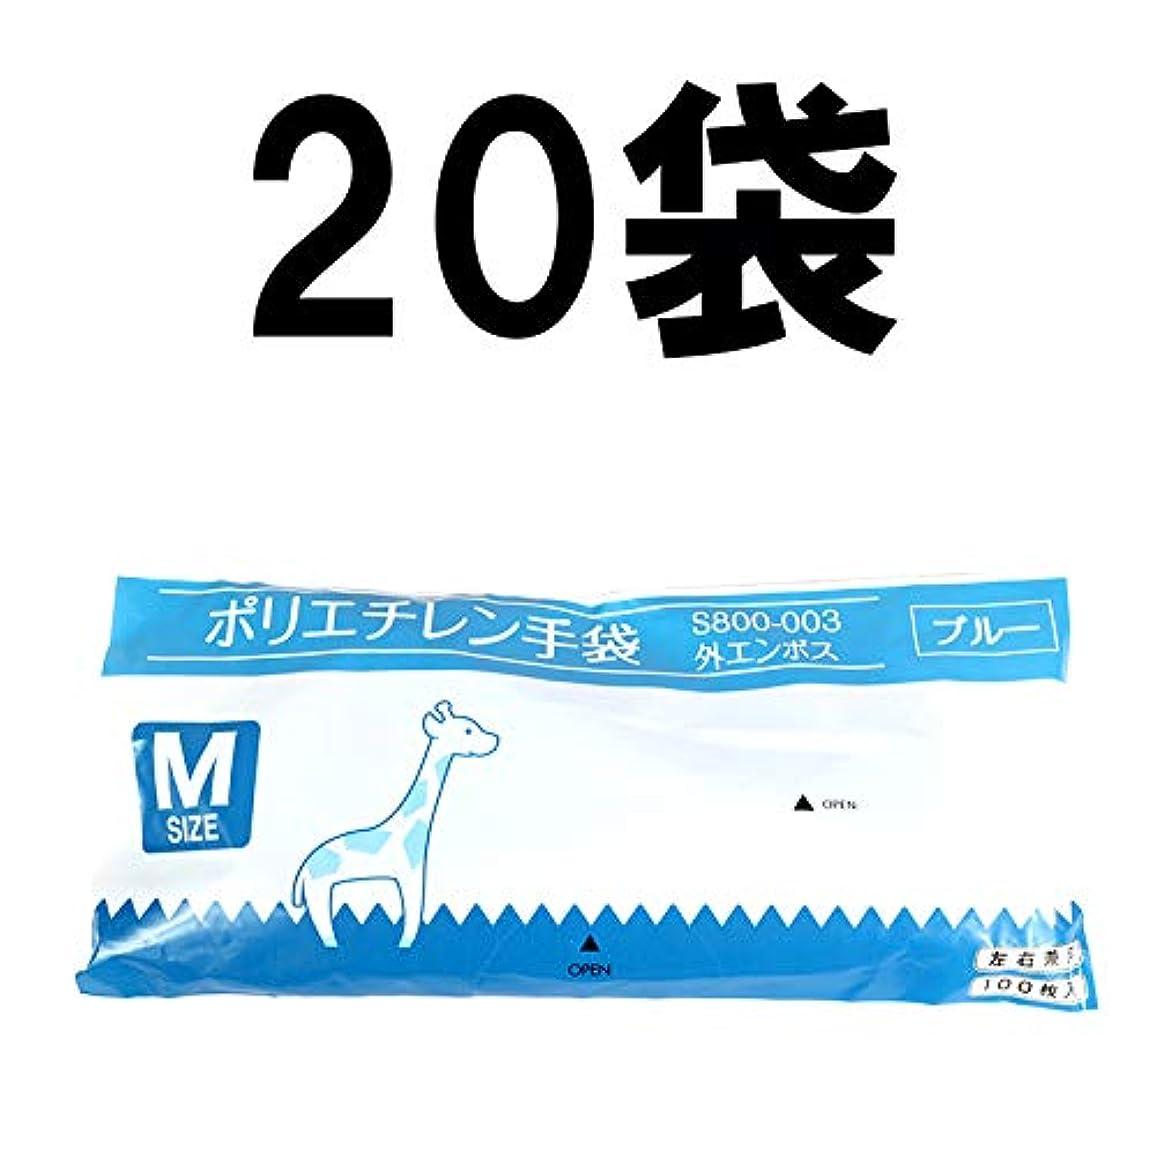 参加者発火するアジア人(2000枚) 使い捨て ポリエチレン手袋 Mサイズ 100枚入り×20BOX ブルー色 左右兼用 外エンボス 食品衛生法適合品